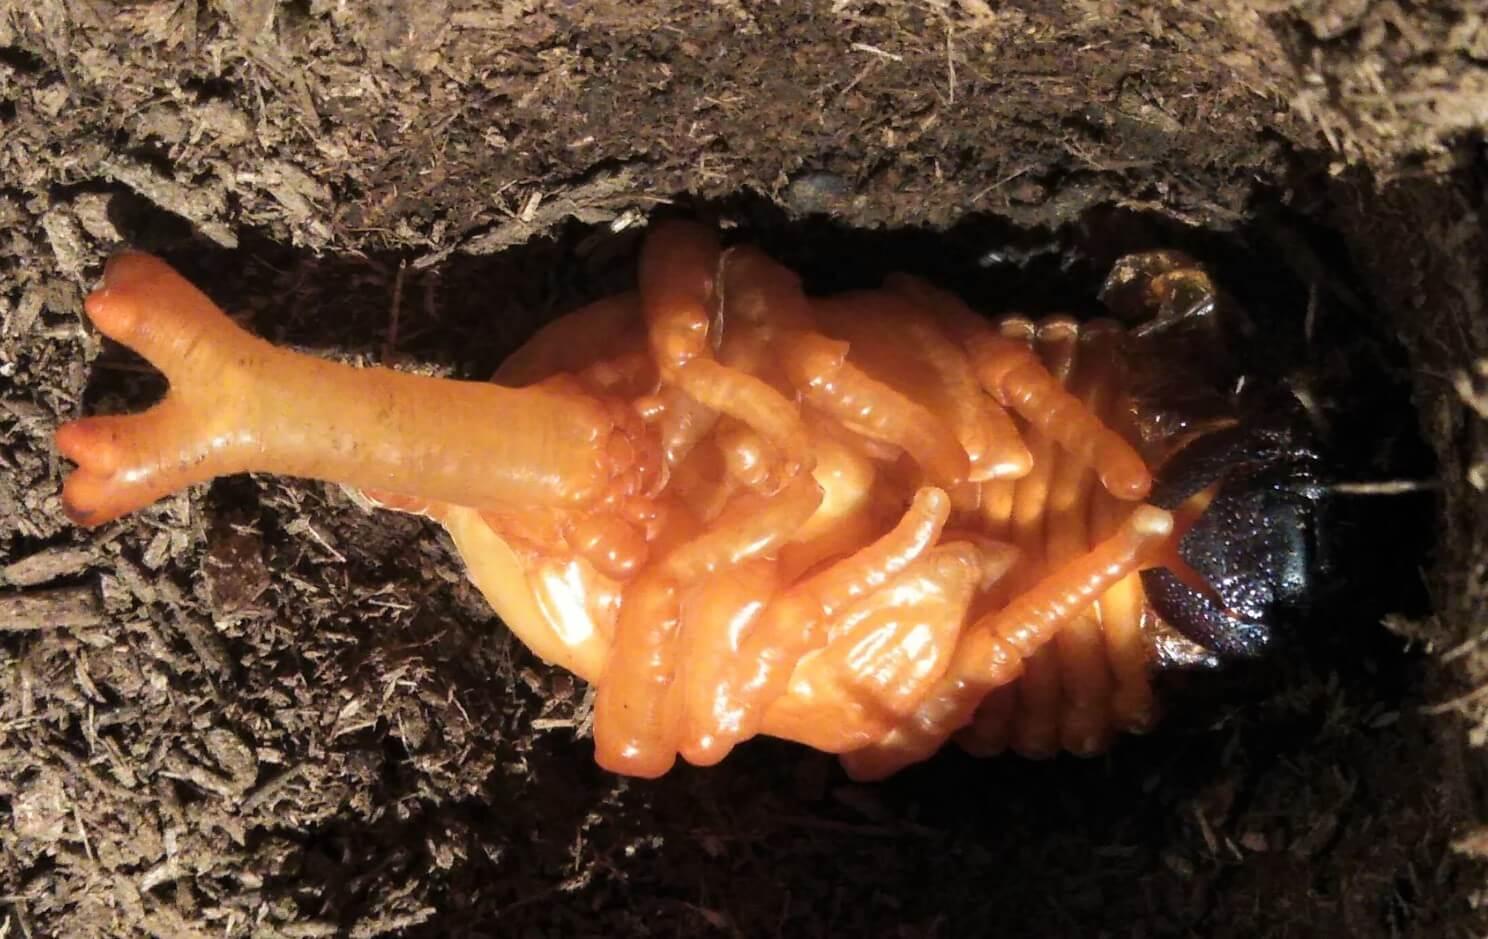 茶色に変化してきたカブトムシのさなぎ